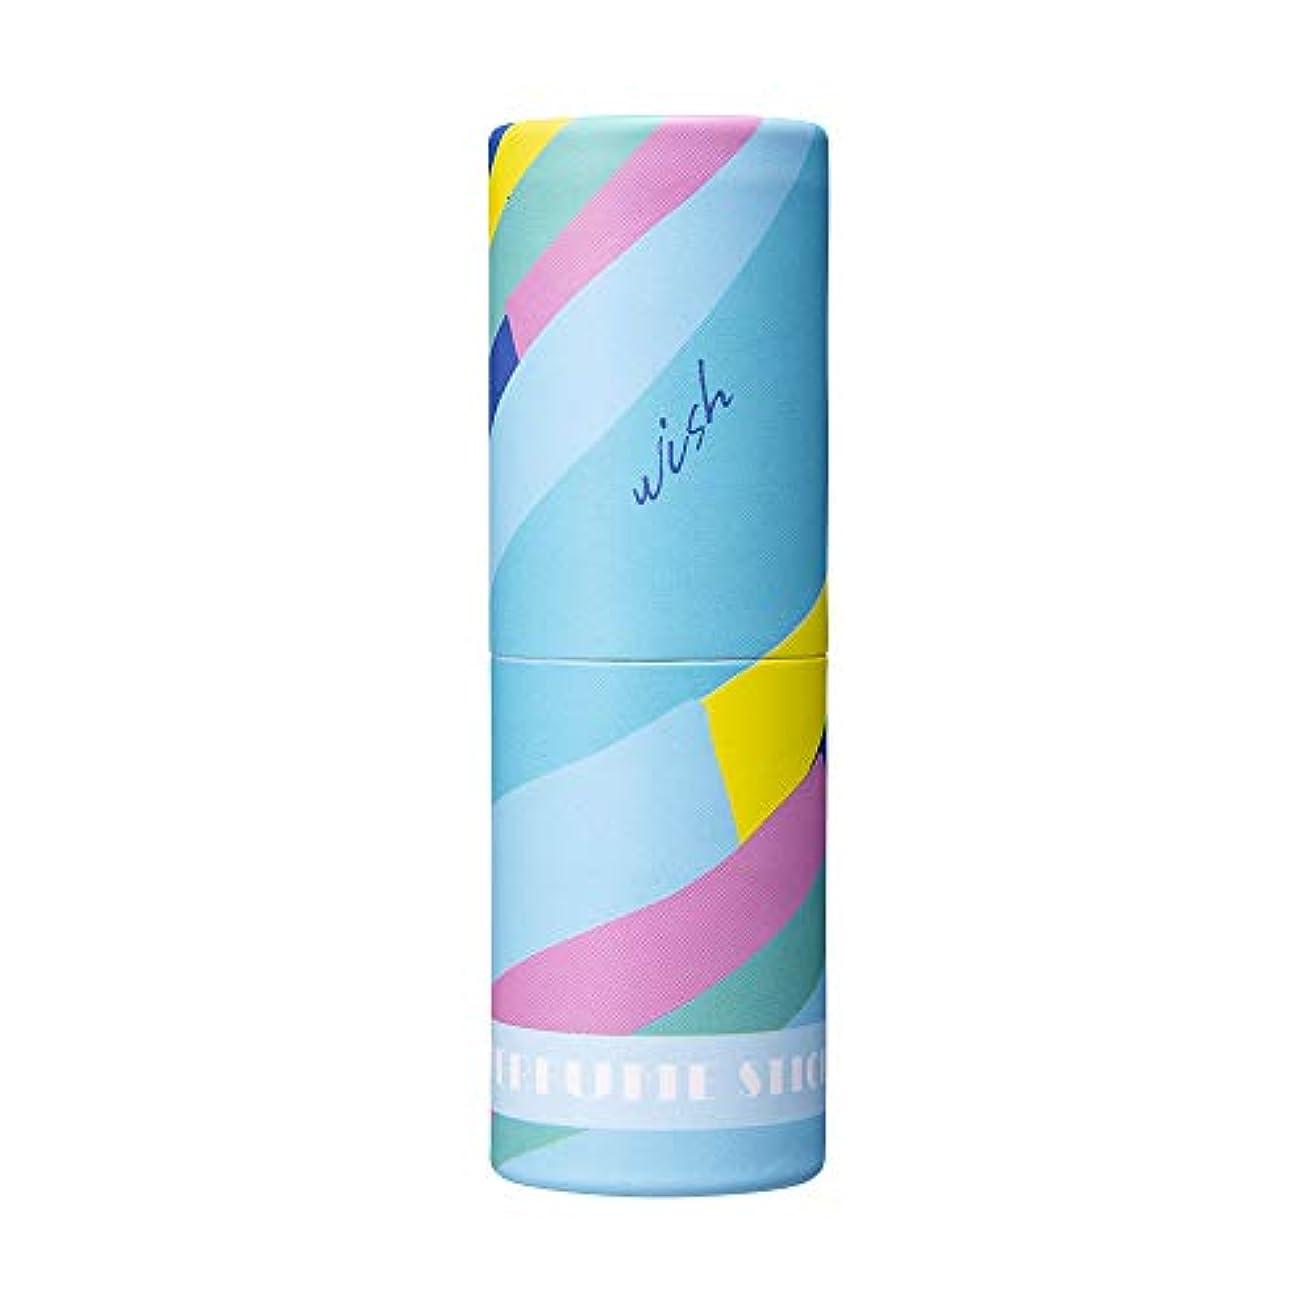 疑い者バラバラにする会うパフュームスティック ウィッシュ ホワイトフラワー&シャボンの香り オリジナルデザイン 5g